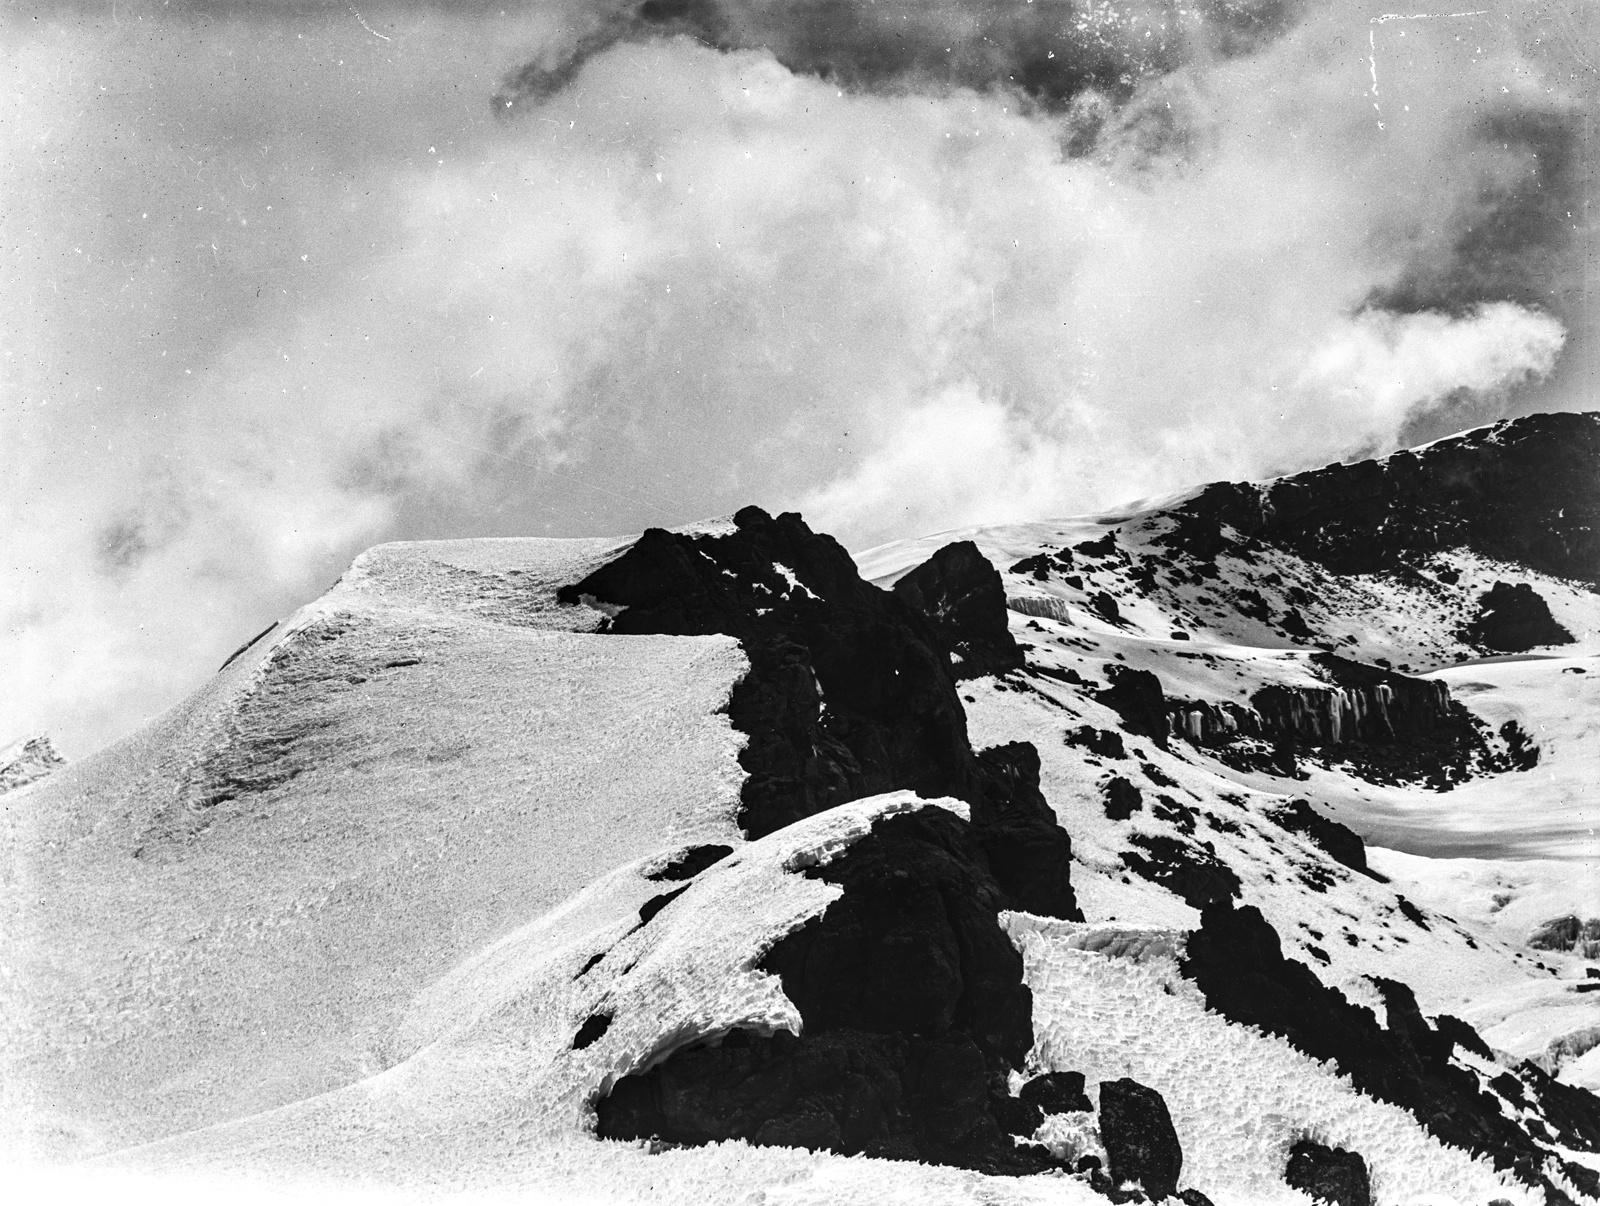 77. Горный хребет покрыт снегом и льдом